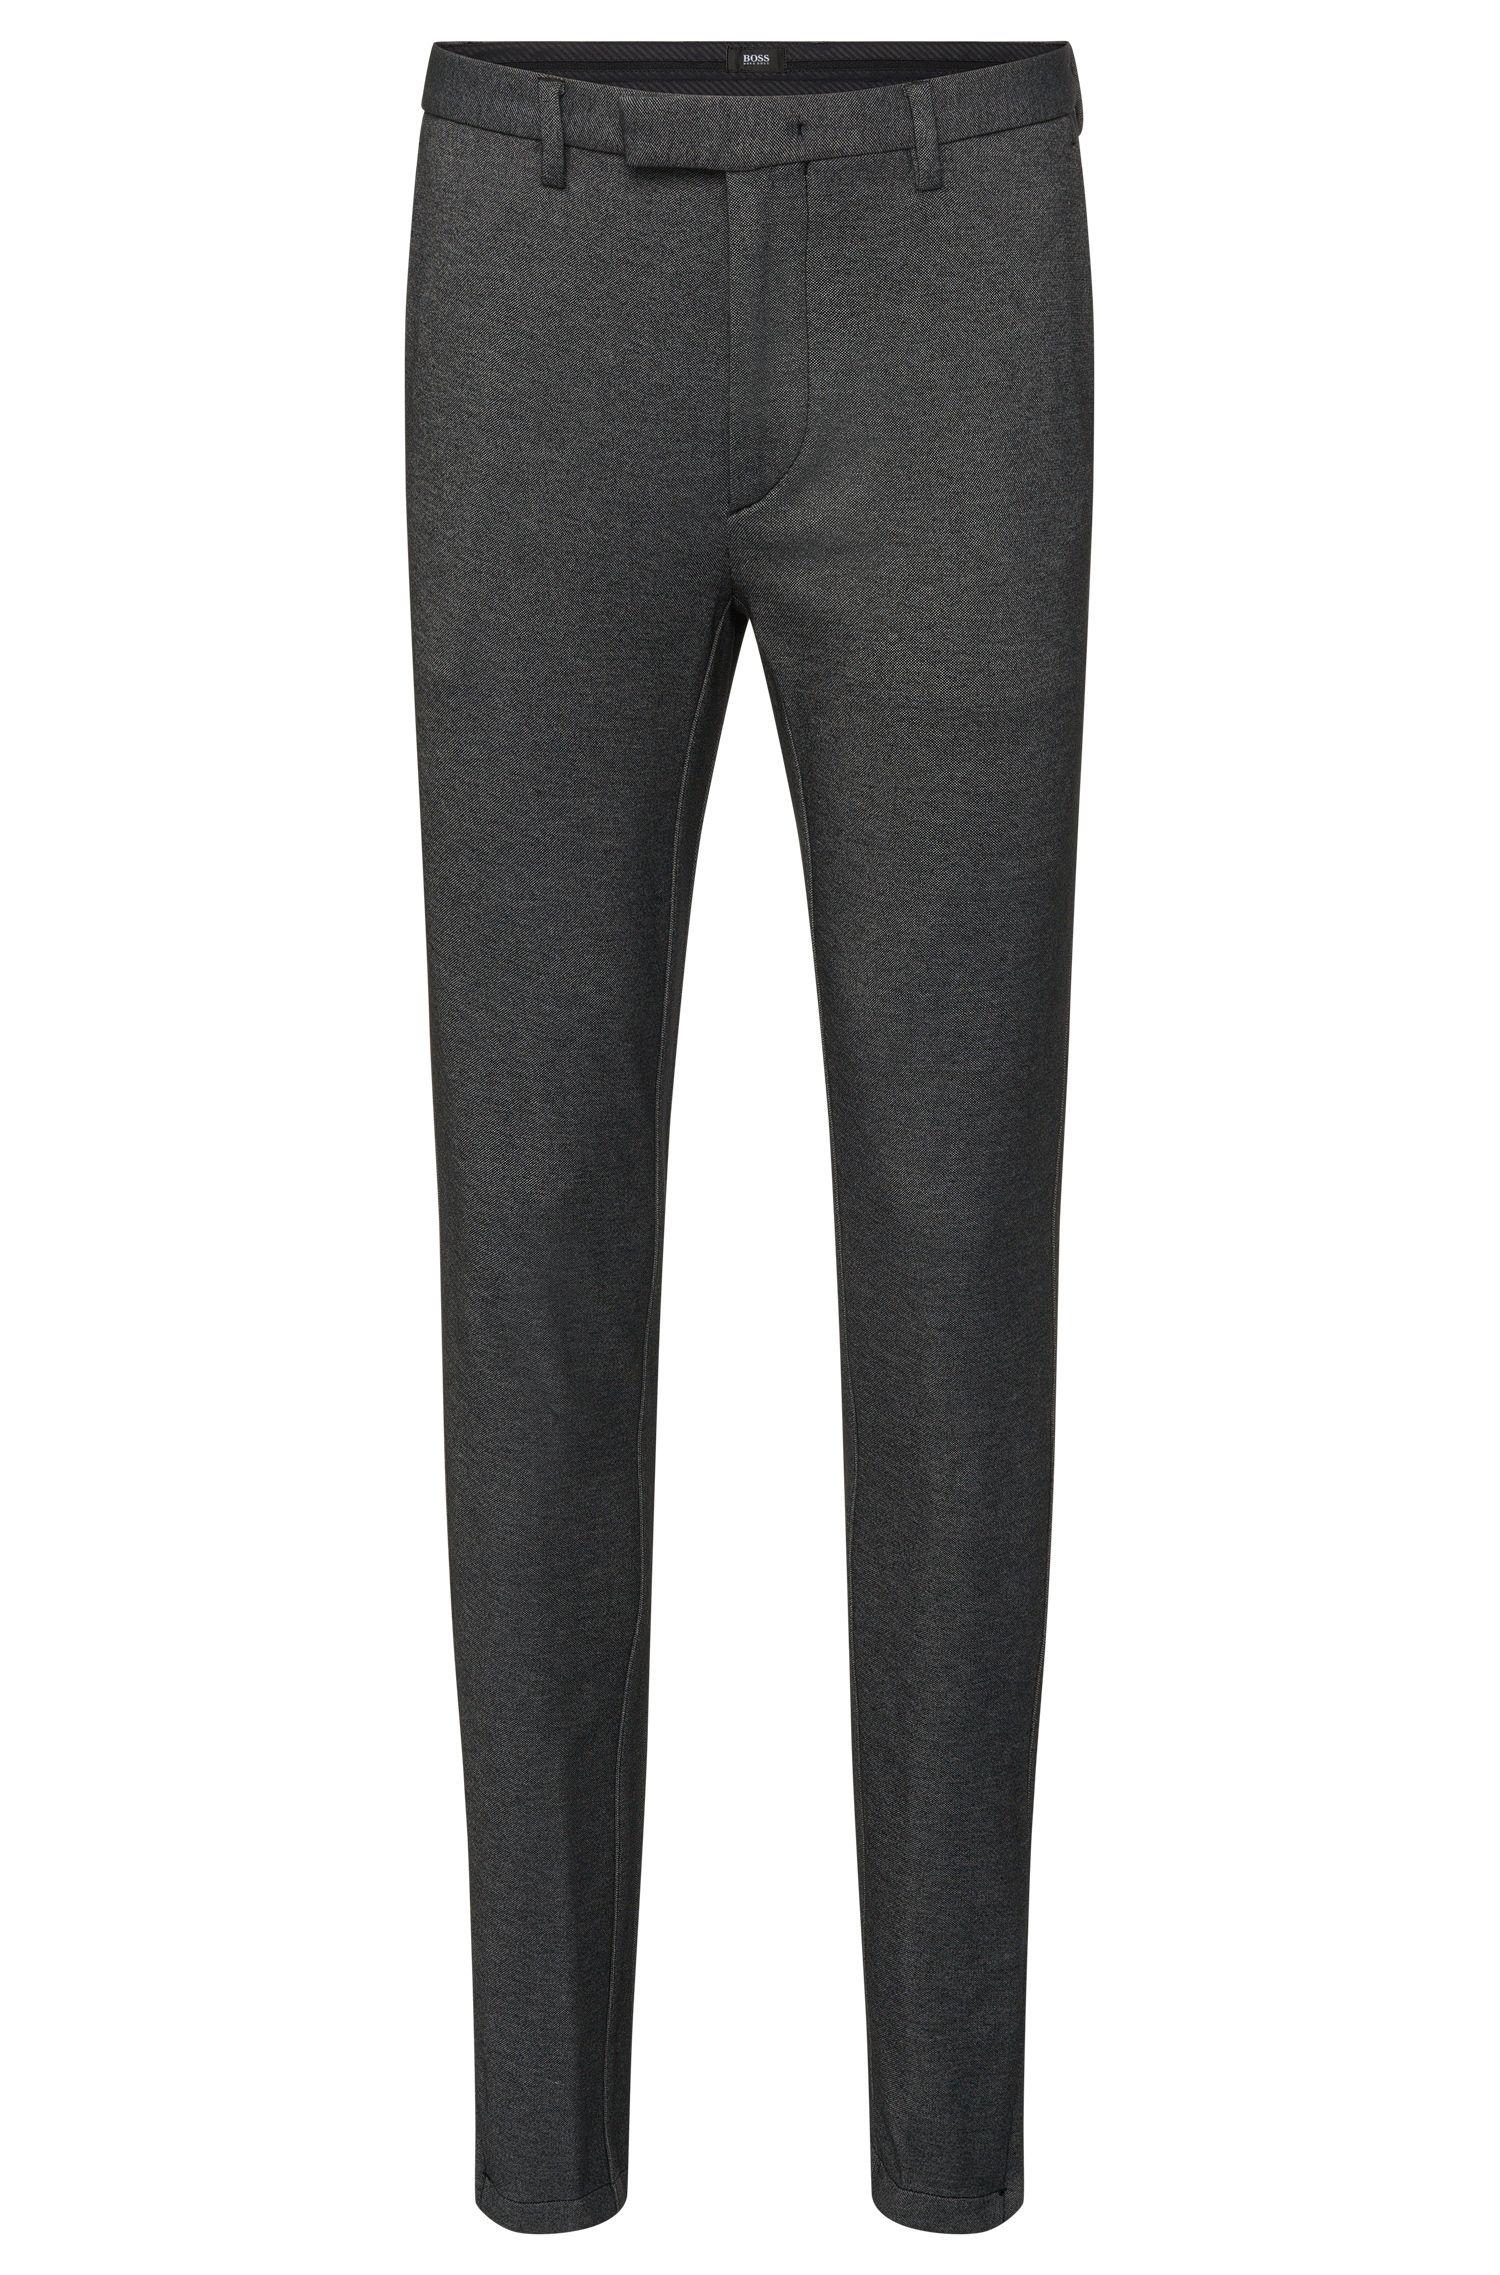 Pantalon Slim Fit chiné en coton mélangé, rehaussé de détails zippés: «Kaito3-6-W»